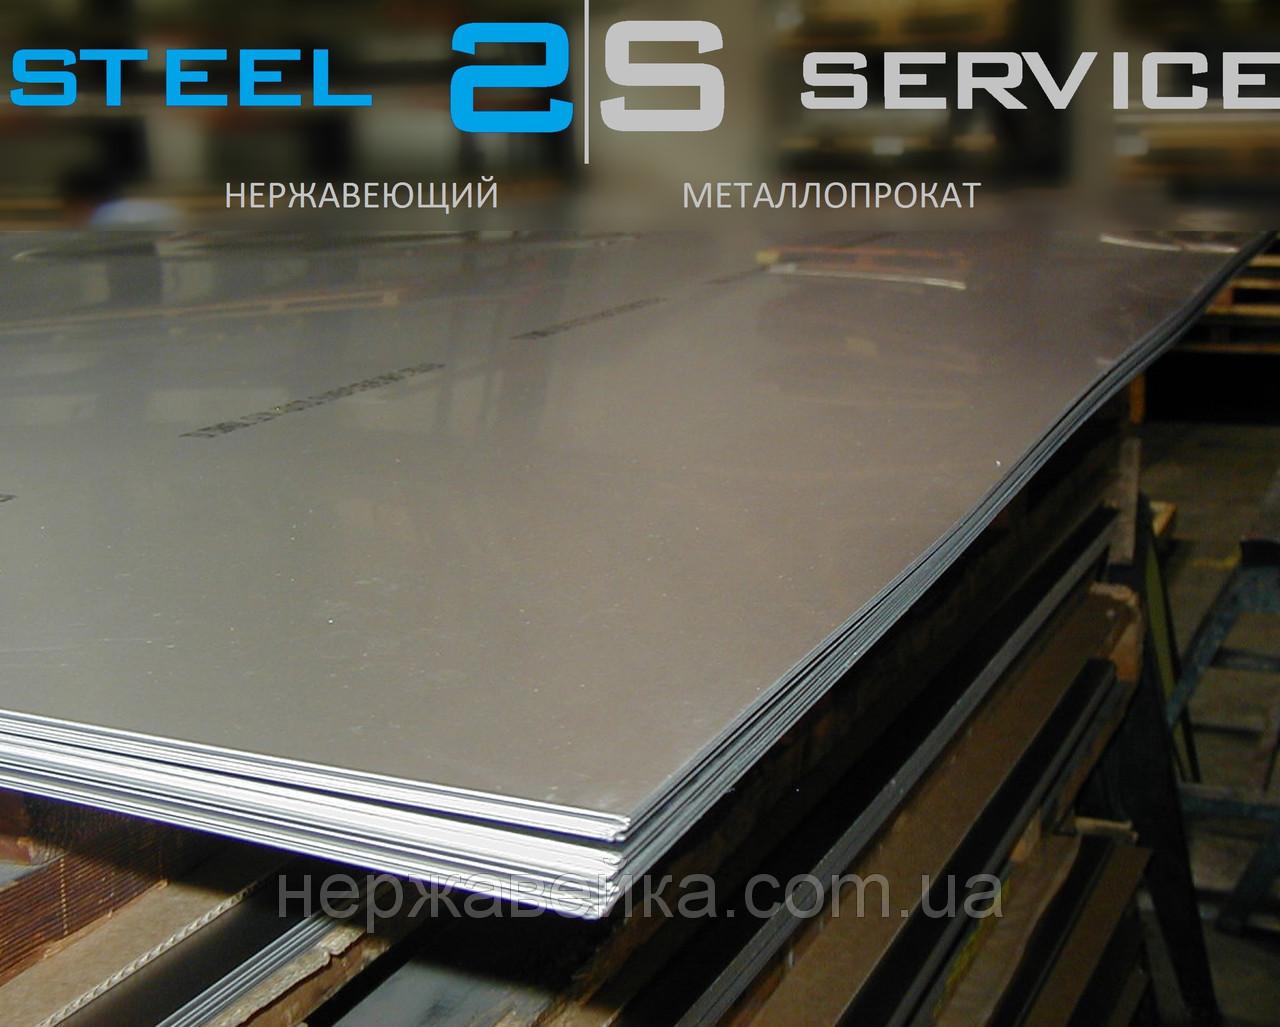 Нержавеющий лист 0,8х1250х2500мм  AISI 321(08Х18Н10Т) 2B - матовый,  пищевой